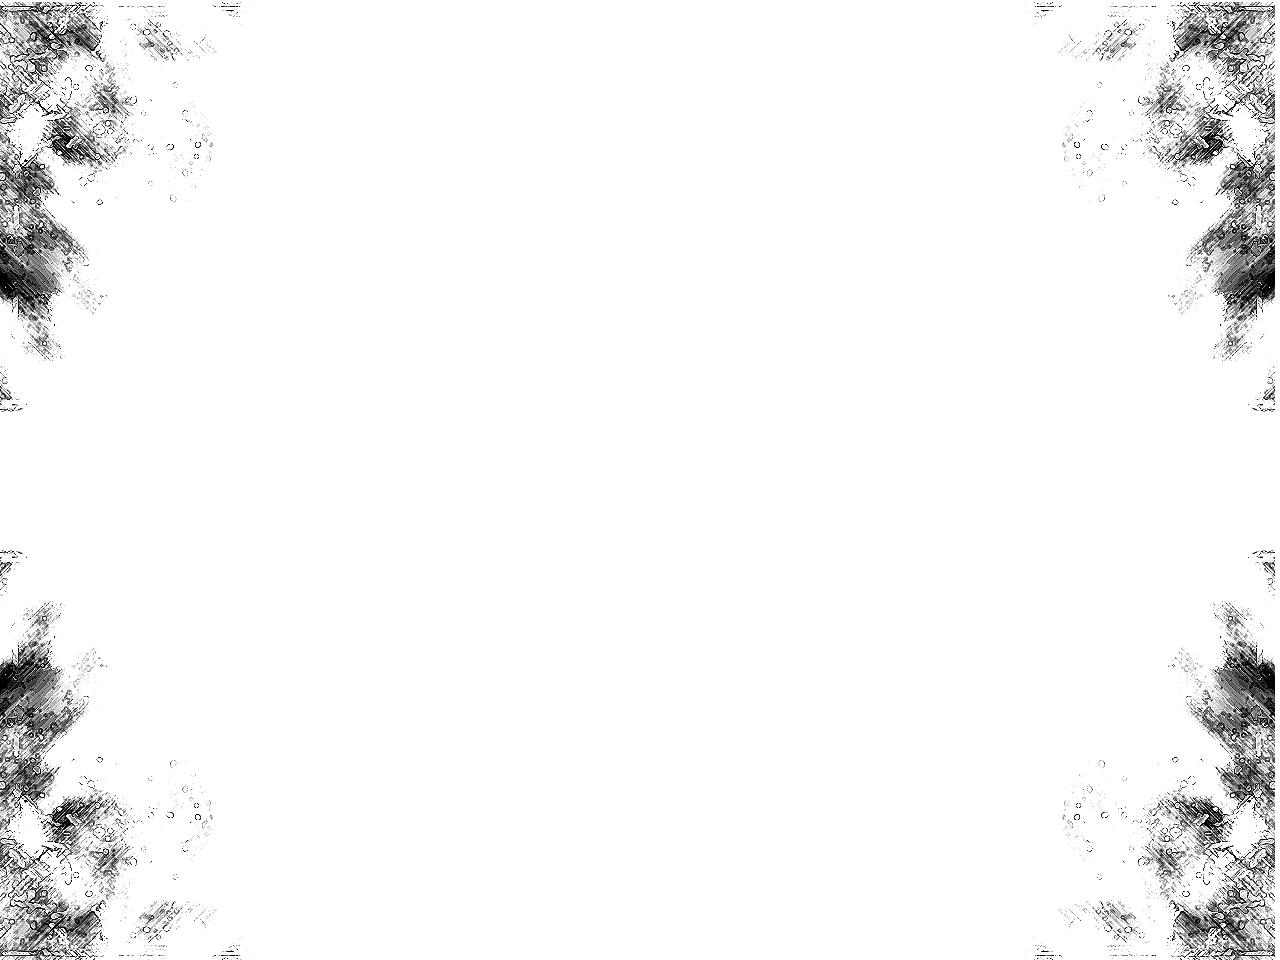 【光影魔术手】-撕边边框-遮罩-免费素材库 3